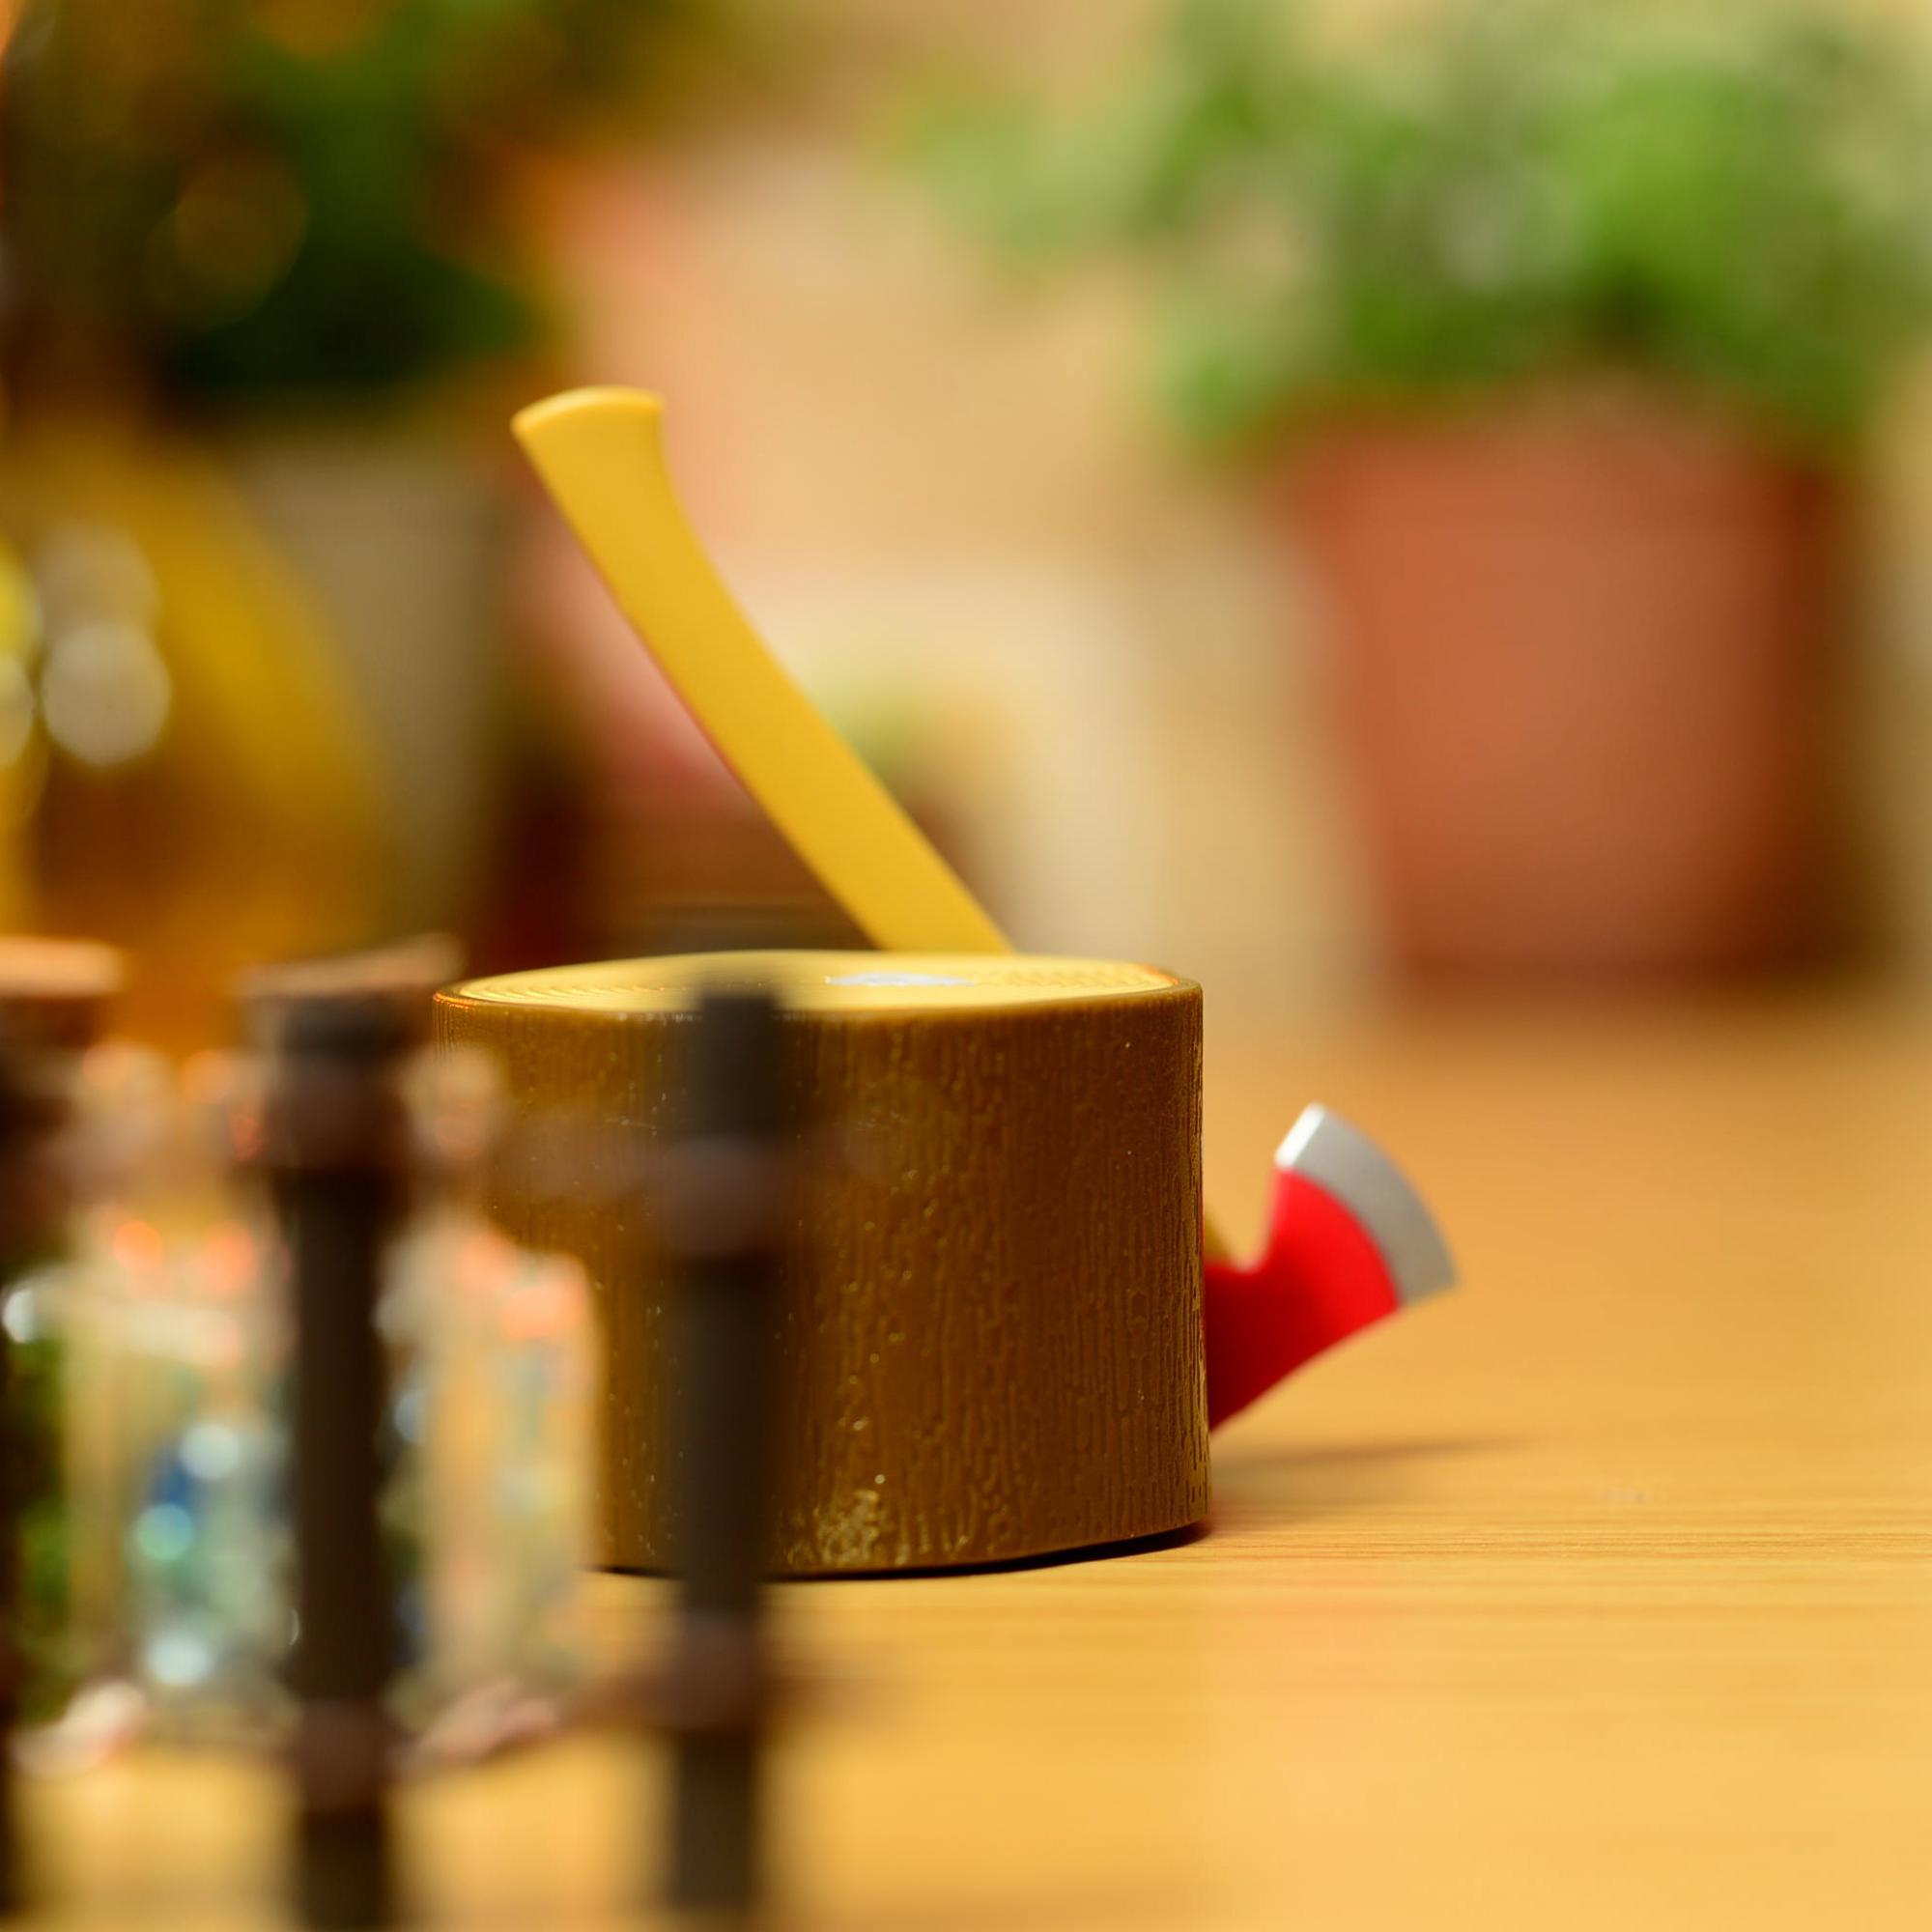 机の上にお気に入りの雑貨や小物を並べて世界を作ります。僕はおじさんですが、かわいいものが大好きなのでメルヘンな世界を作りがちです。